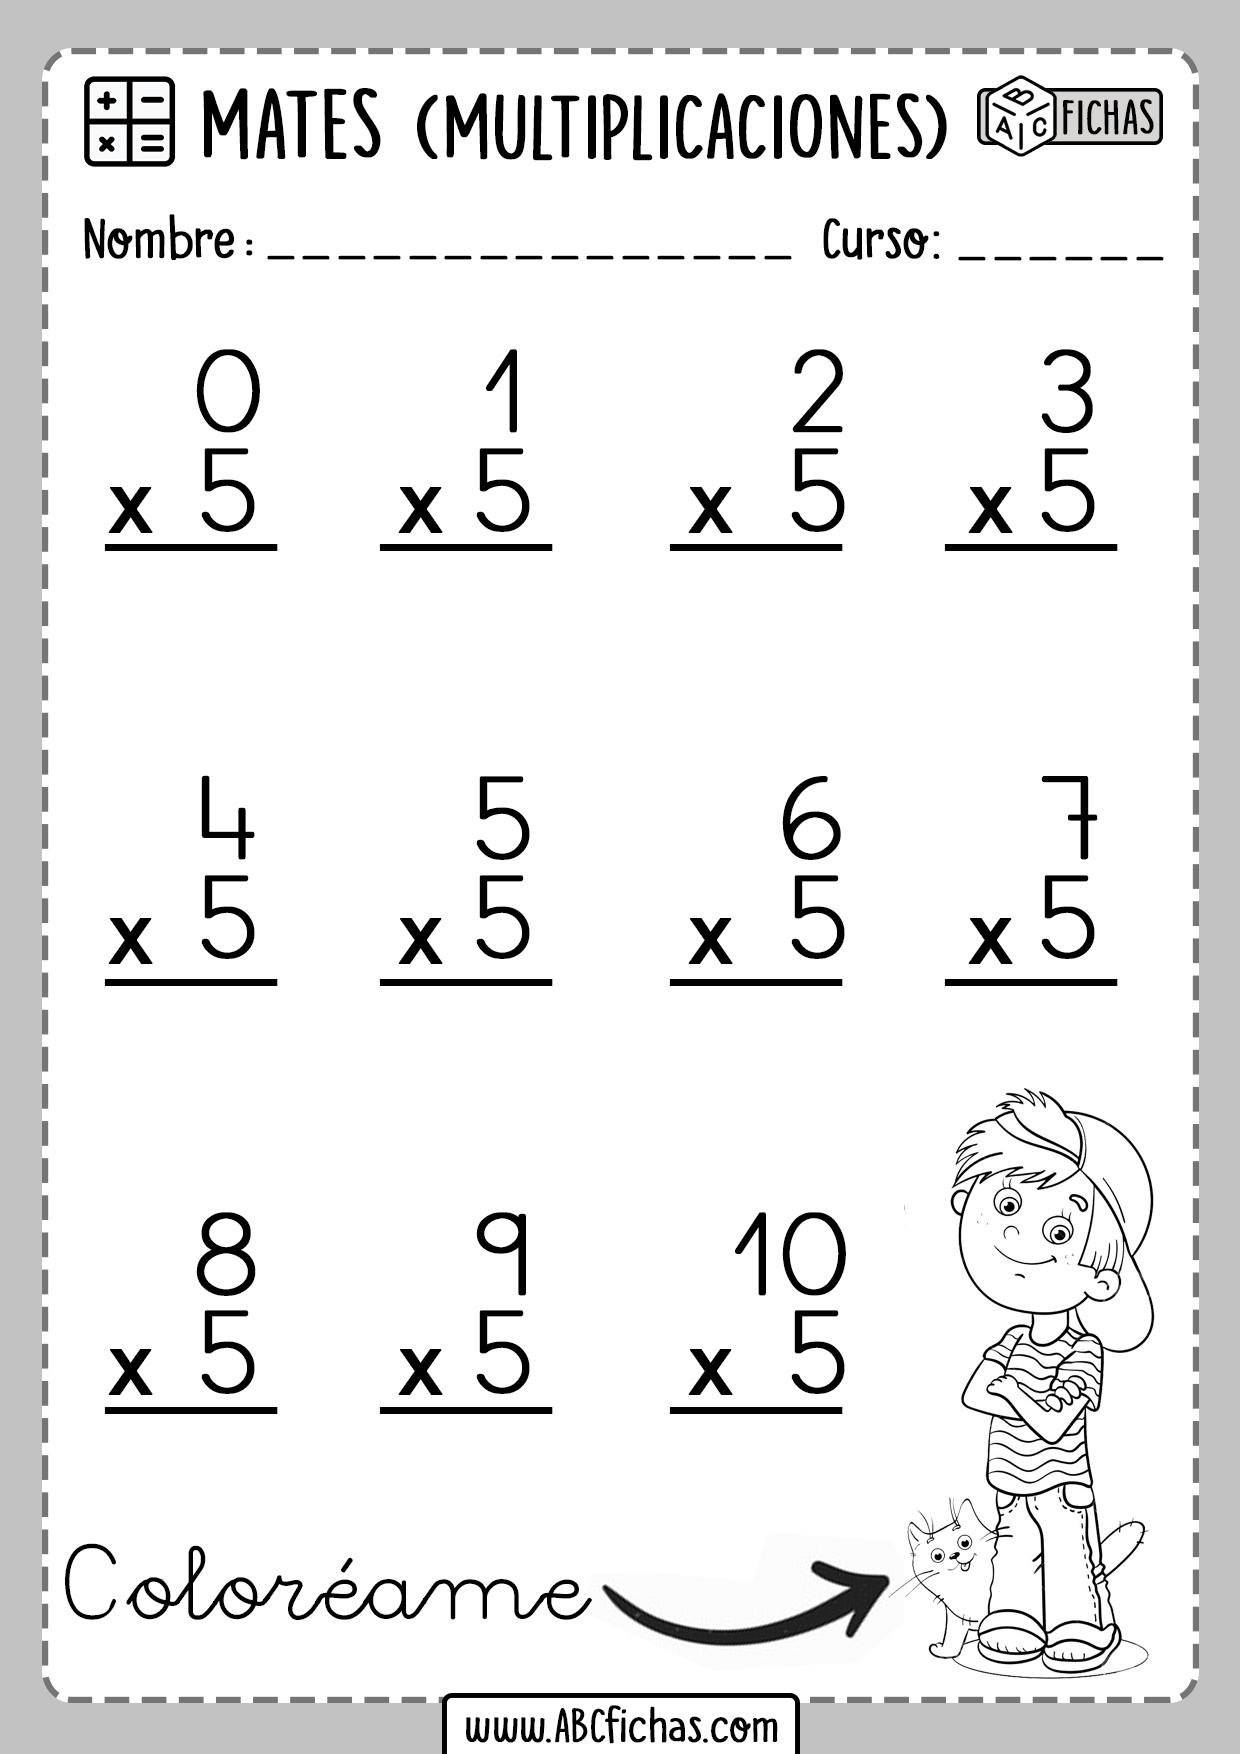 Ejercicios de Multiplicaciones Tabla del 5